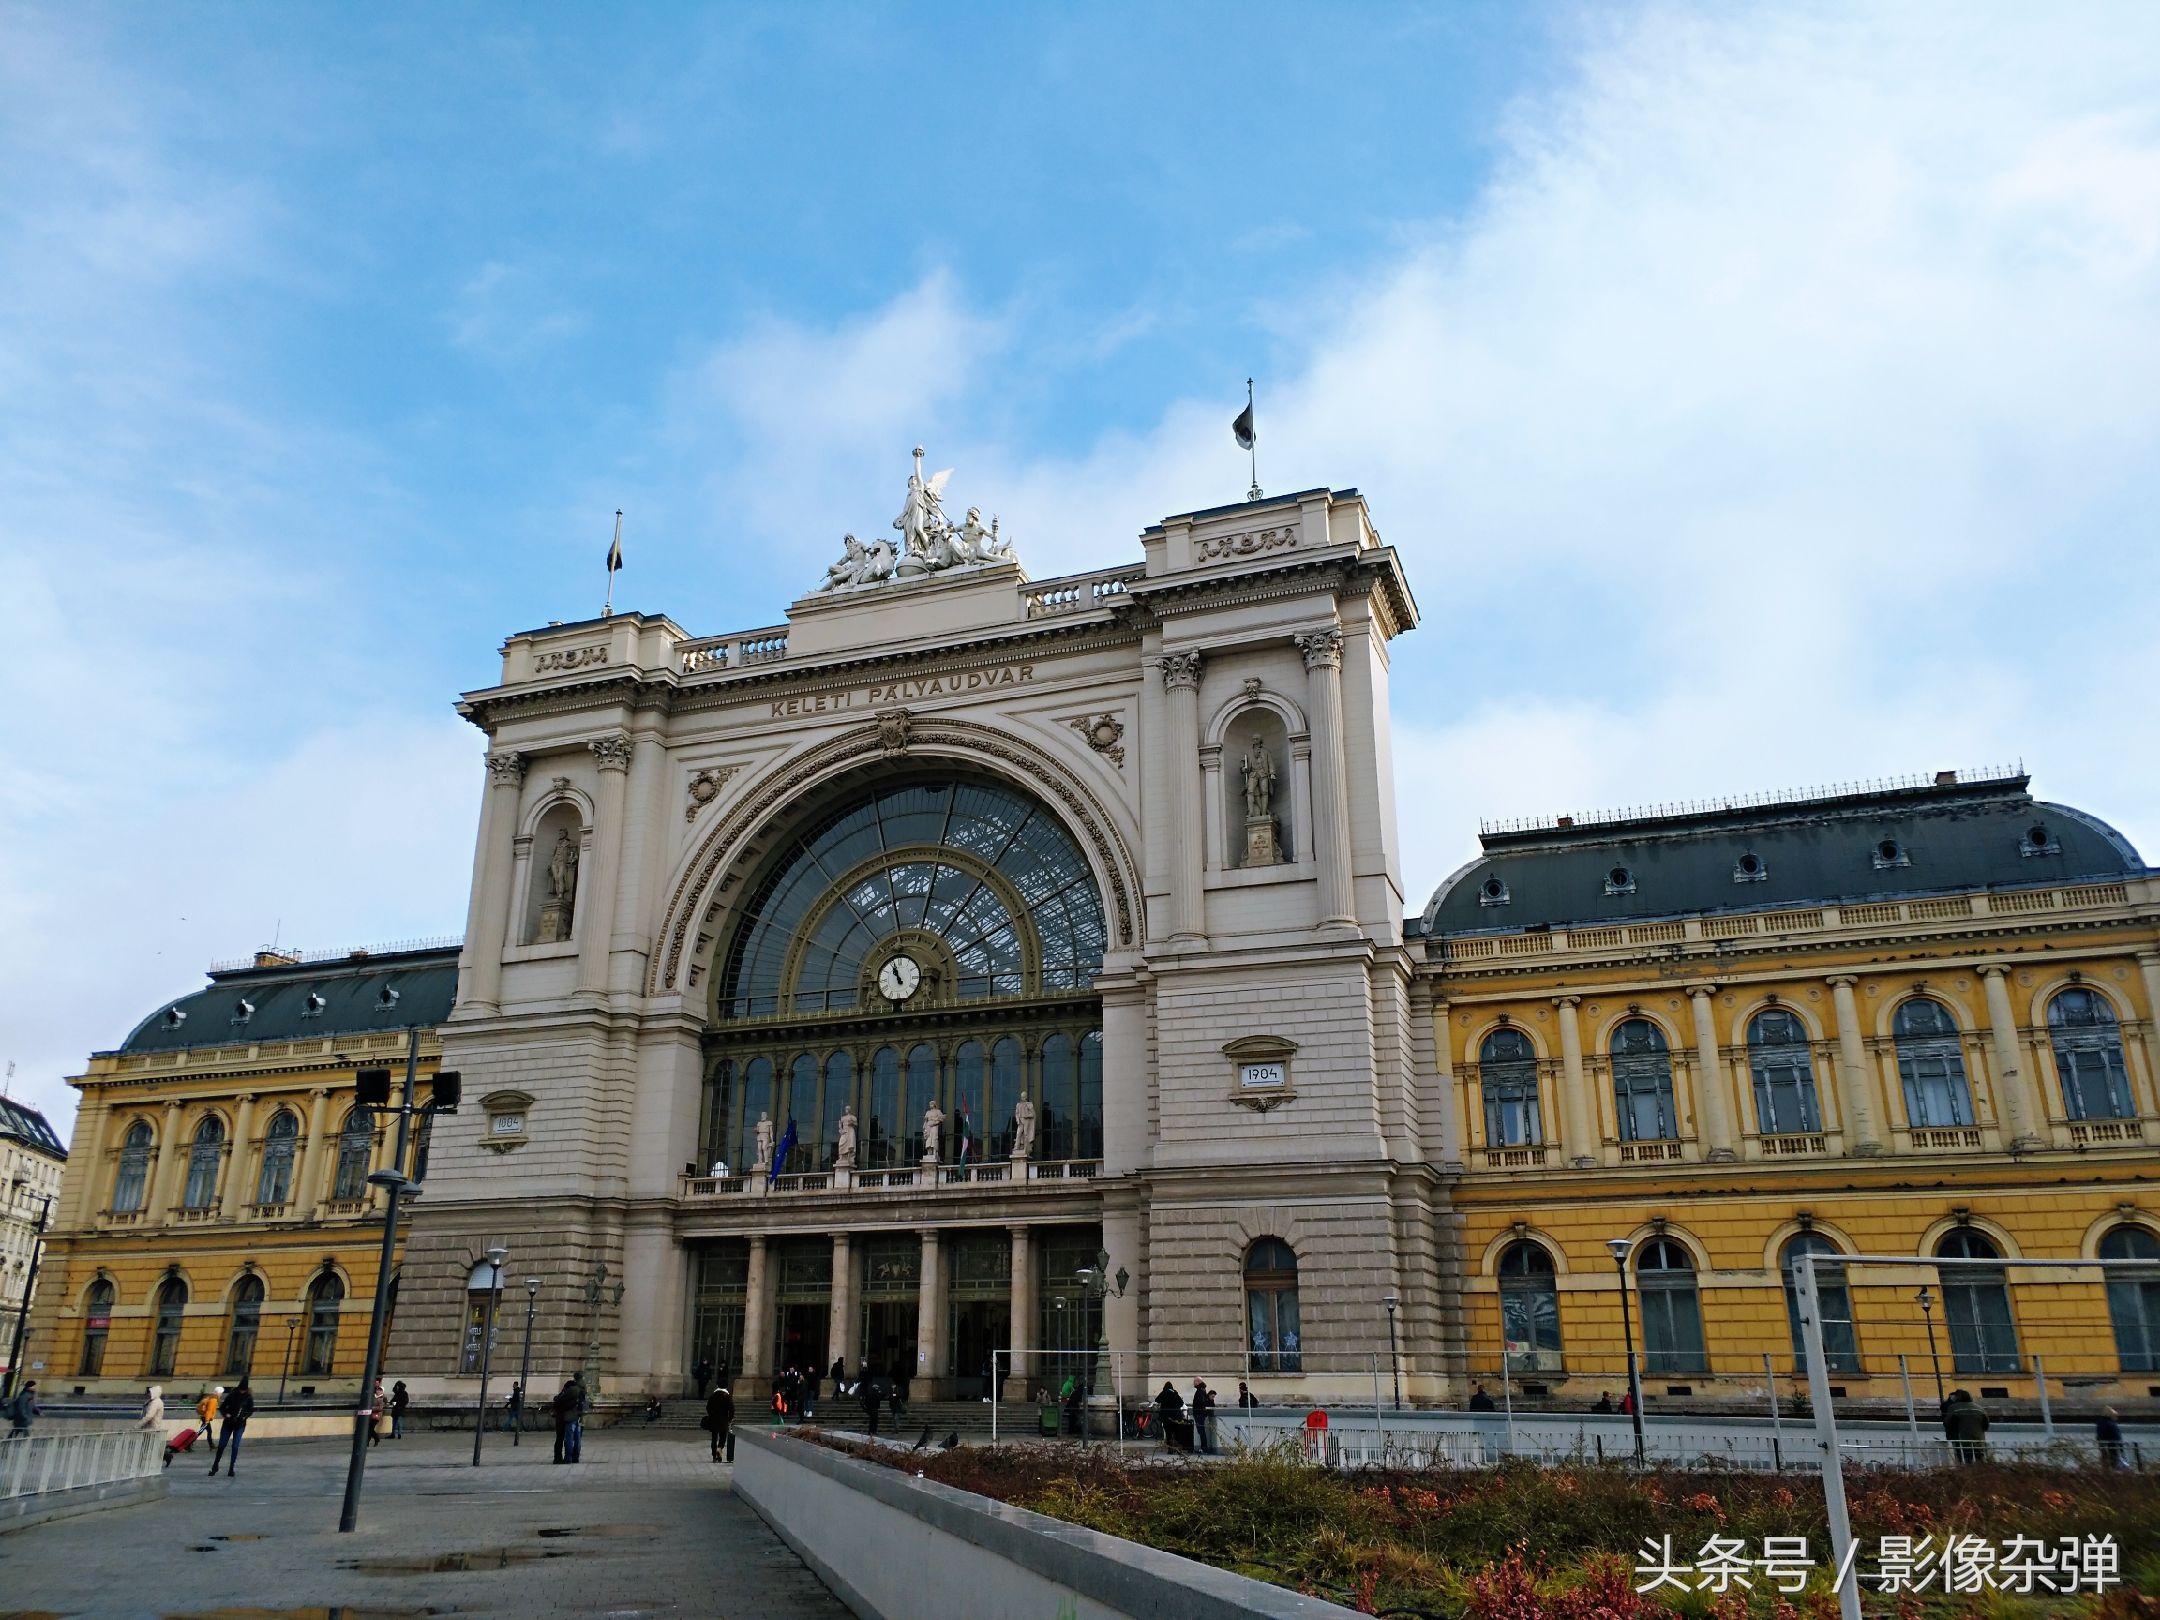 在欧洲坐着火车跨国v乘客,火车站无安检,乘客攻略兽王h图片